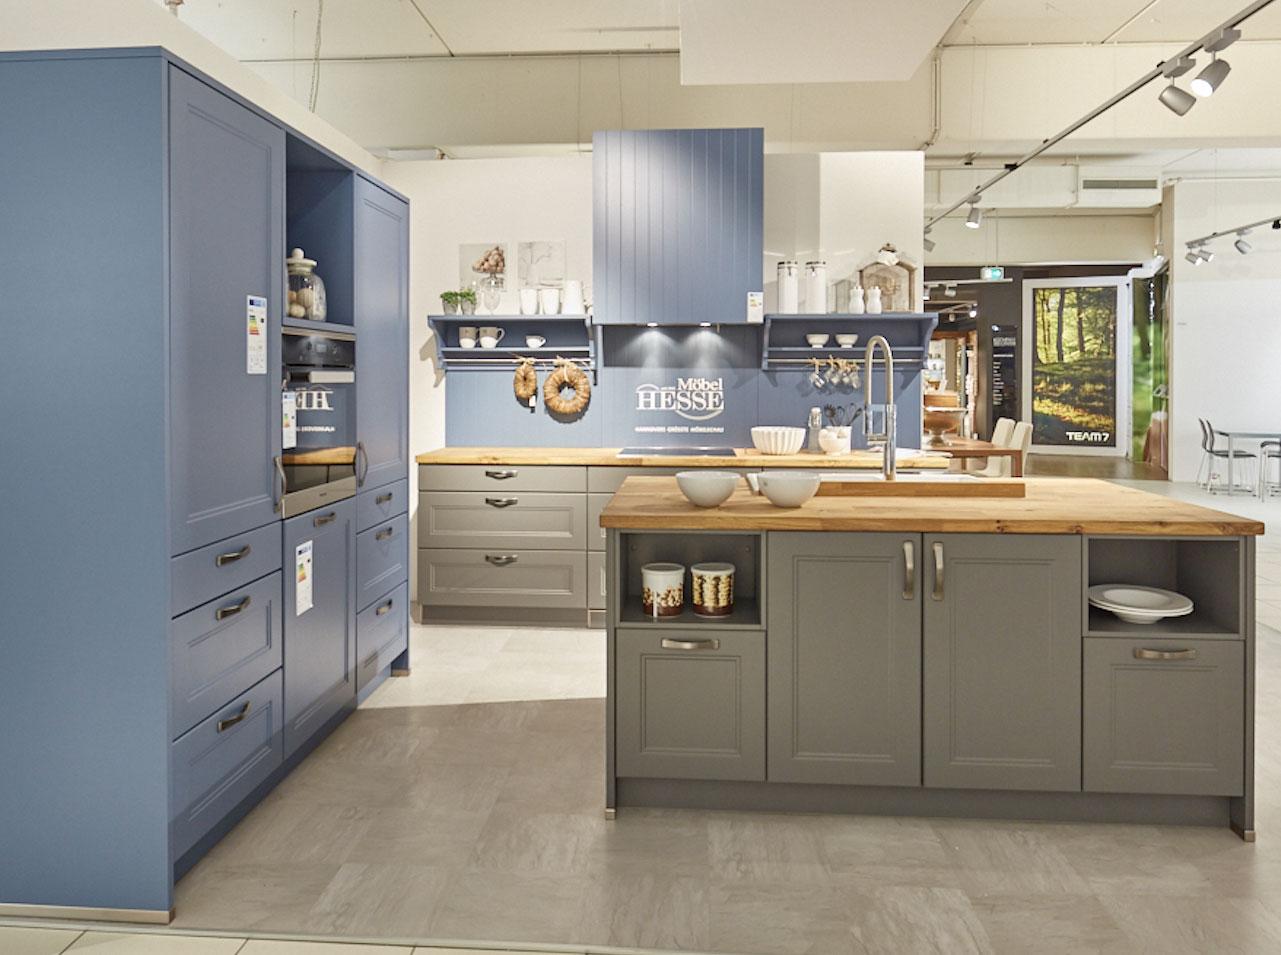 Küchencenter No 1 Möbel Hesse